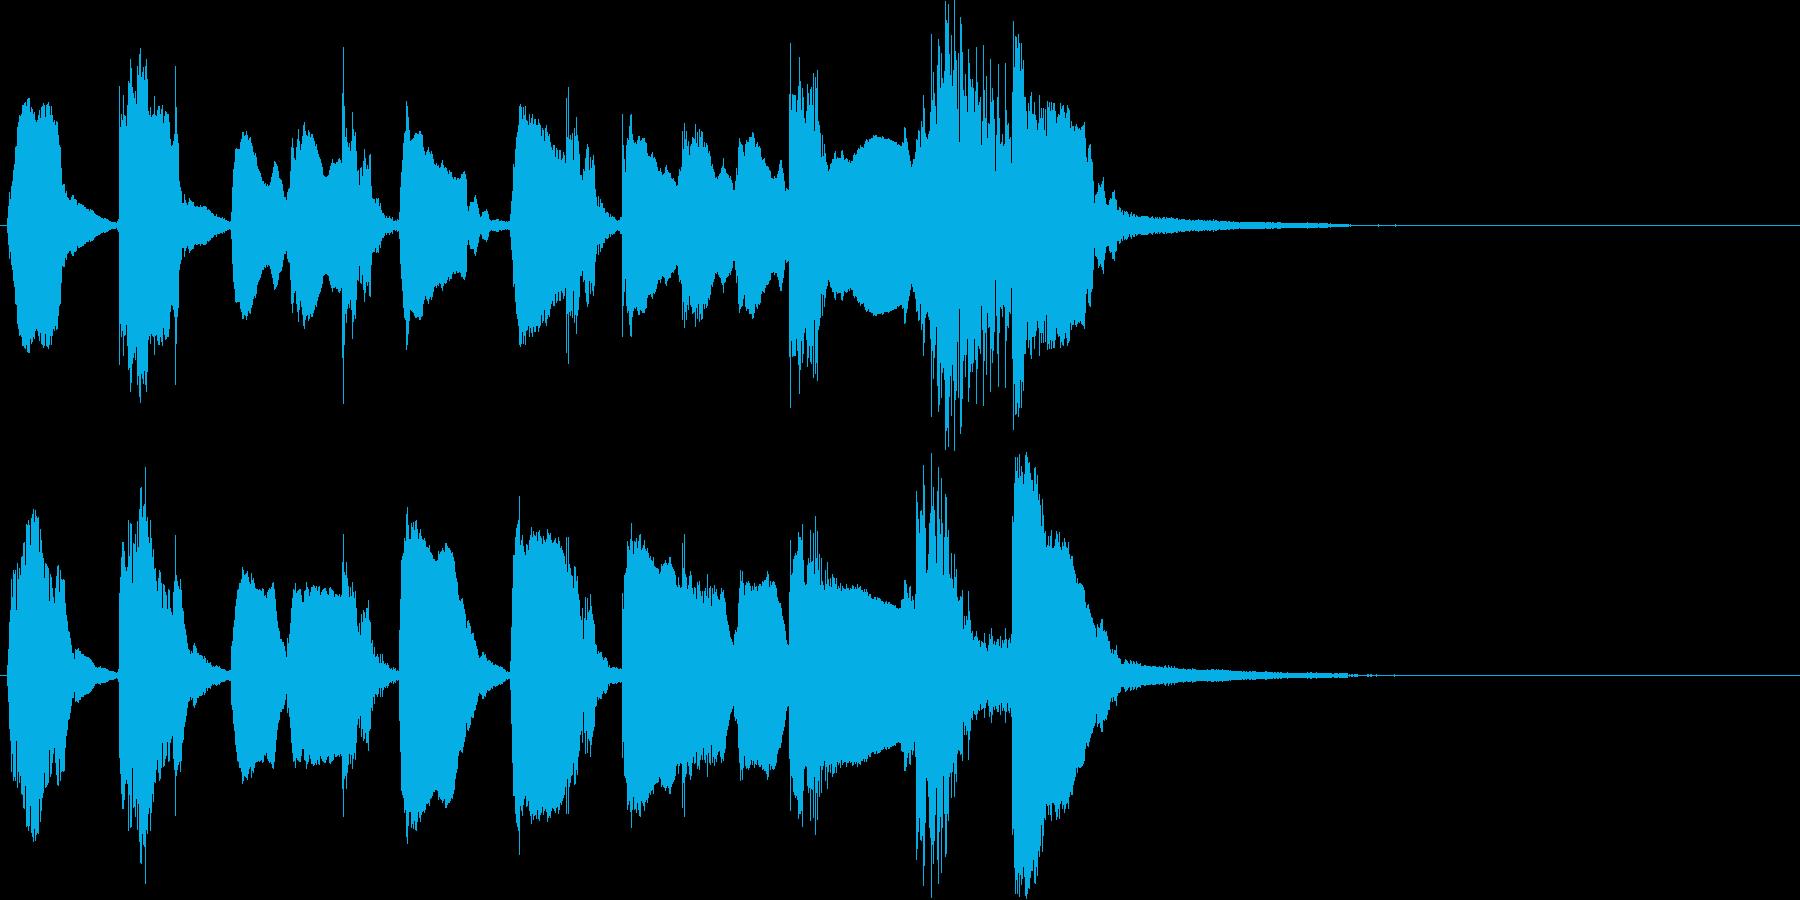 キュート、かわいい系のジングルの再生済みの波形